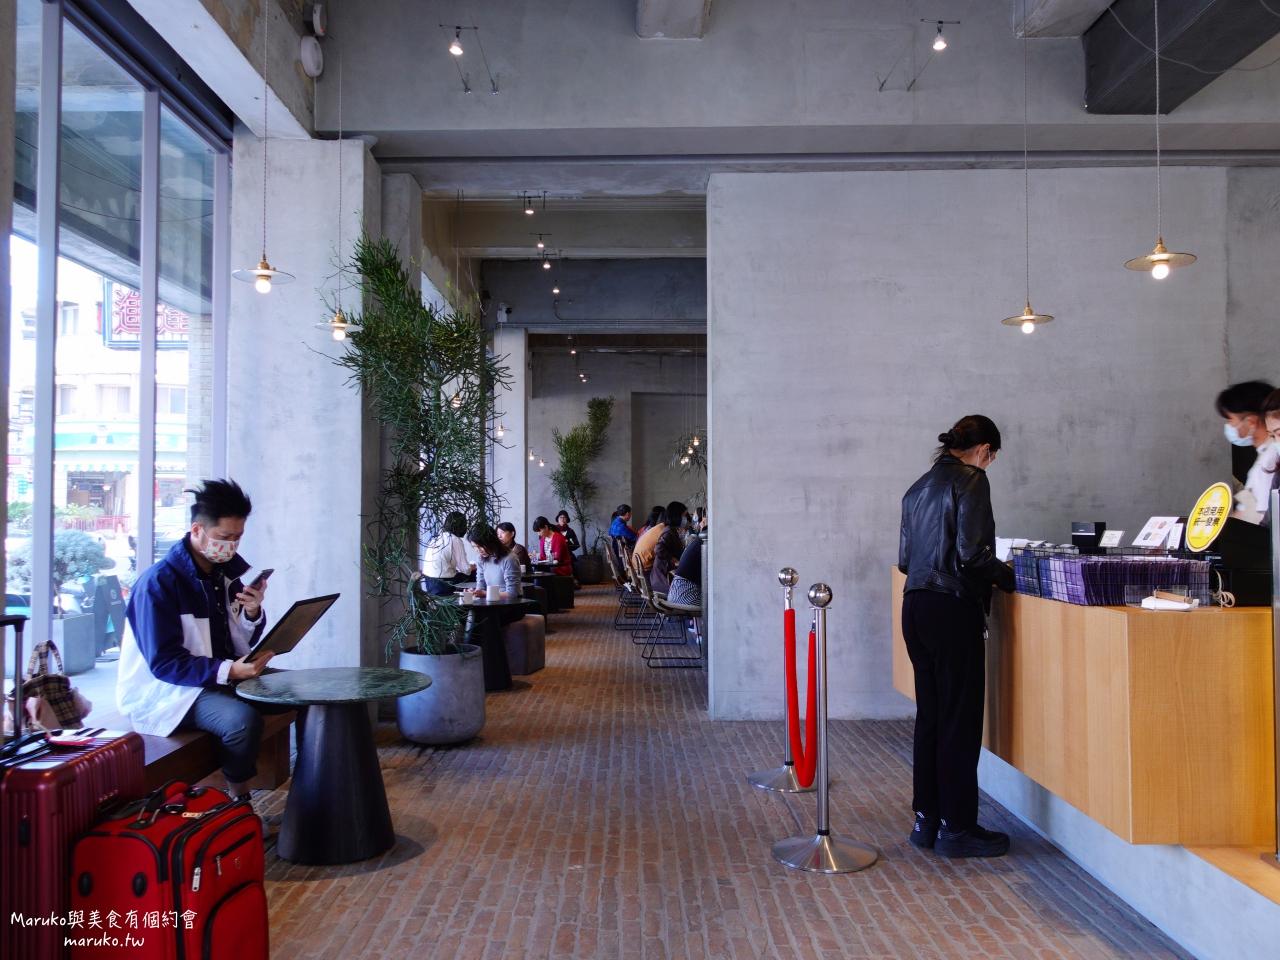 【屏東】驛前大和咖啡館/80年舊旅社改建的老屋咖啡館/屏東市咖啡館推薦 @Maruko與美食有個約會